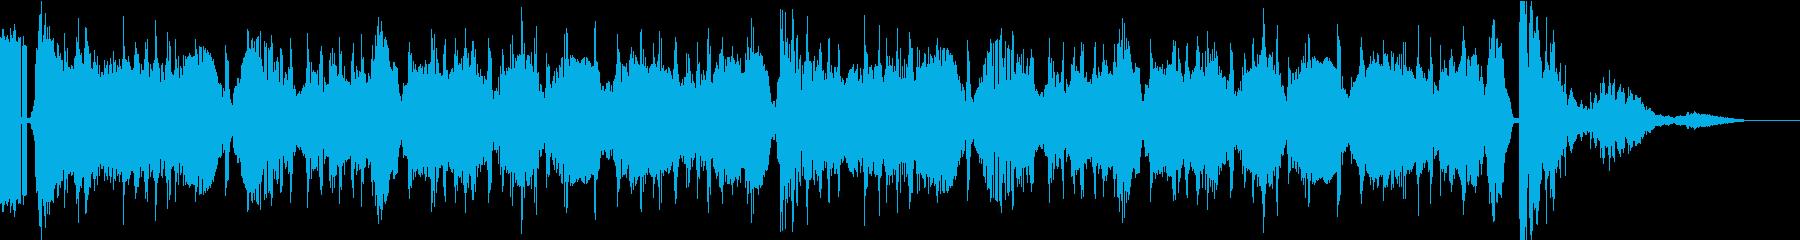 ビッグスタッフの再生済みの波形